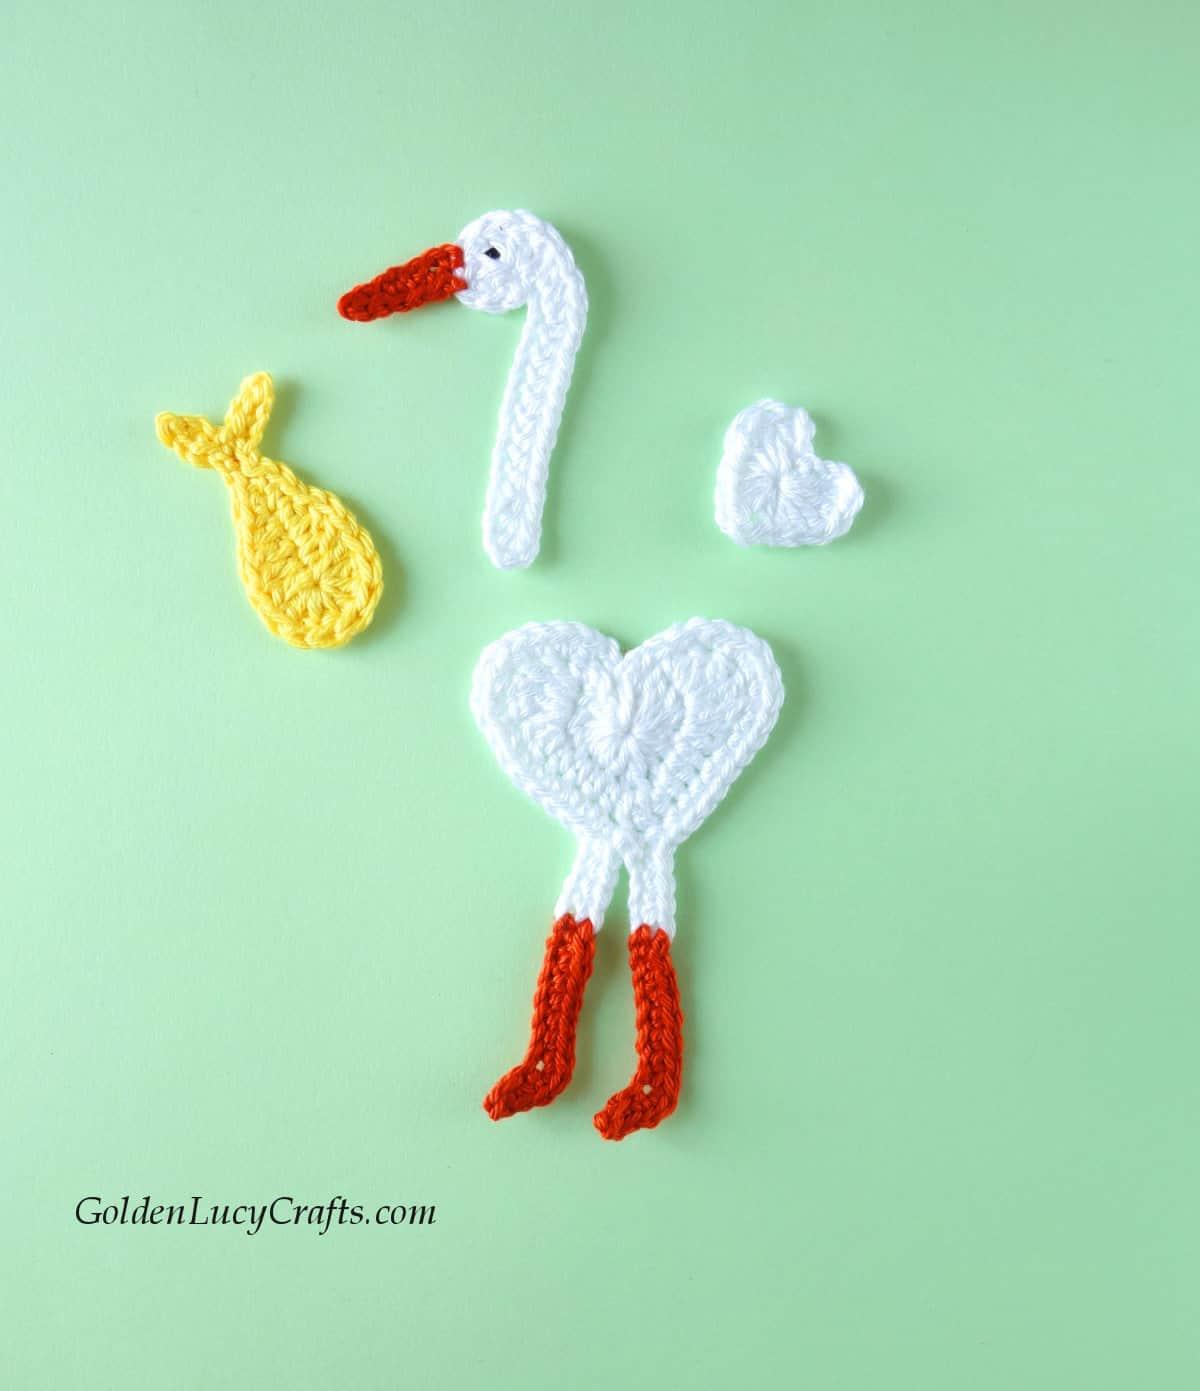 Crochet stork applique - parts.